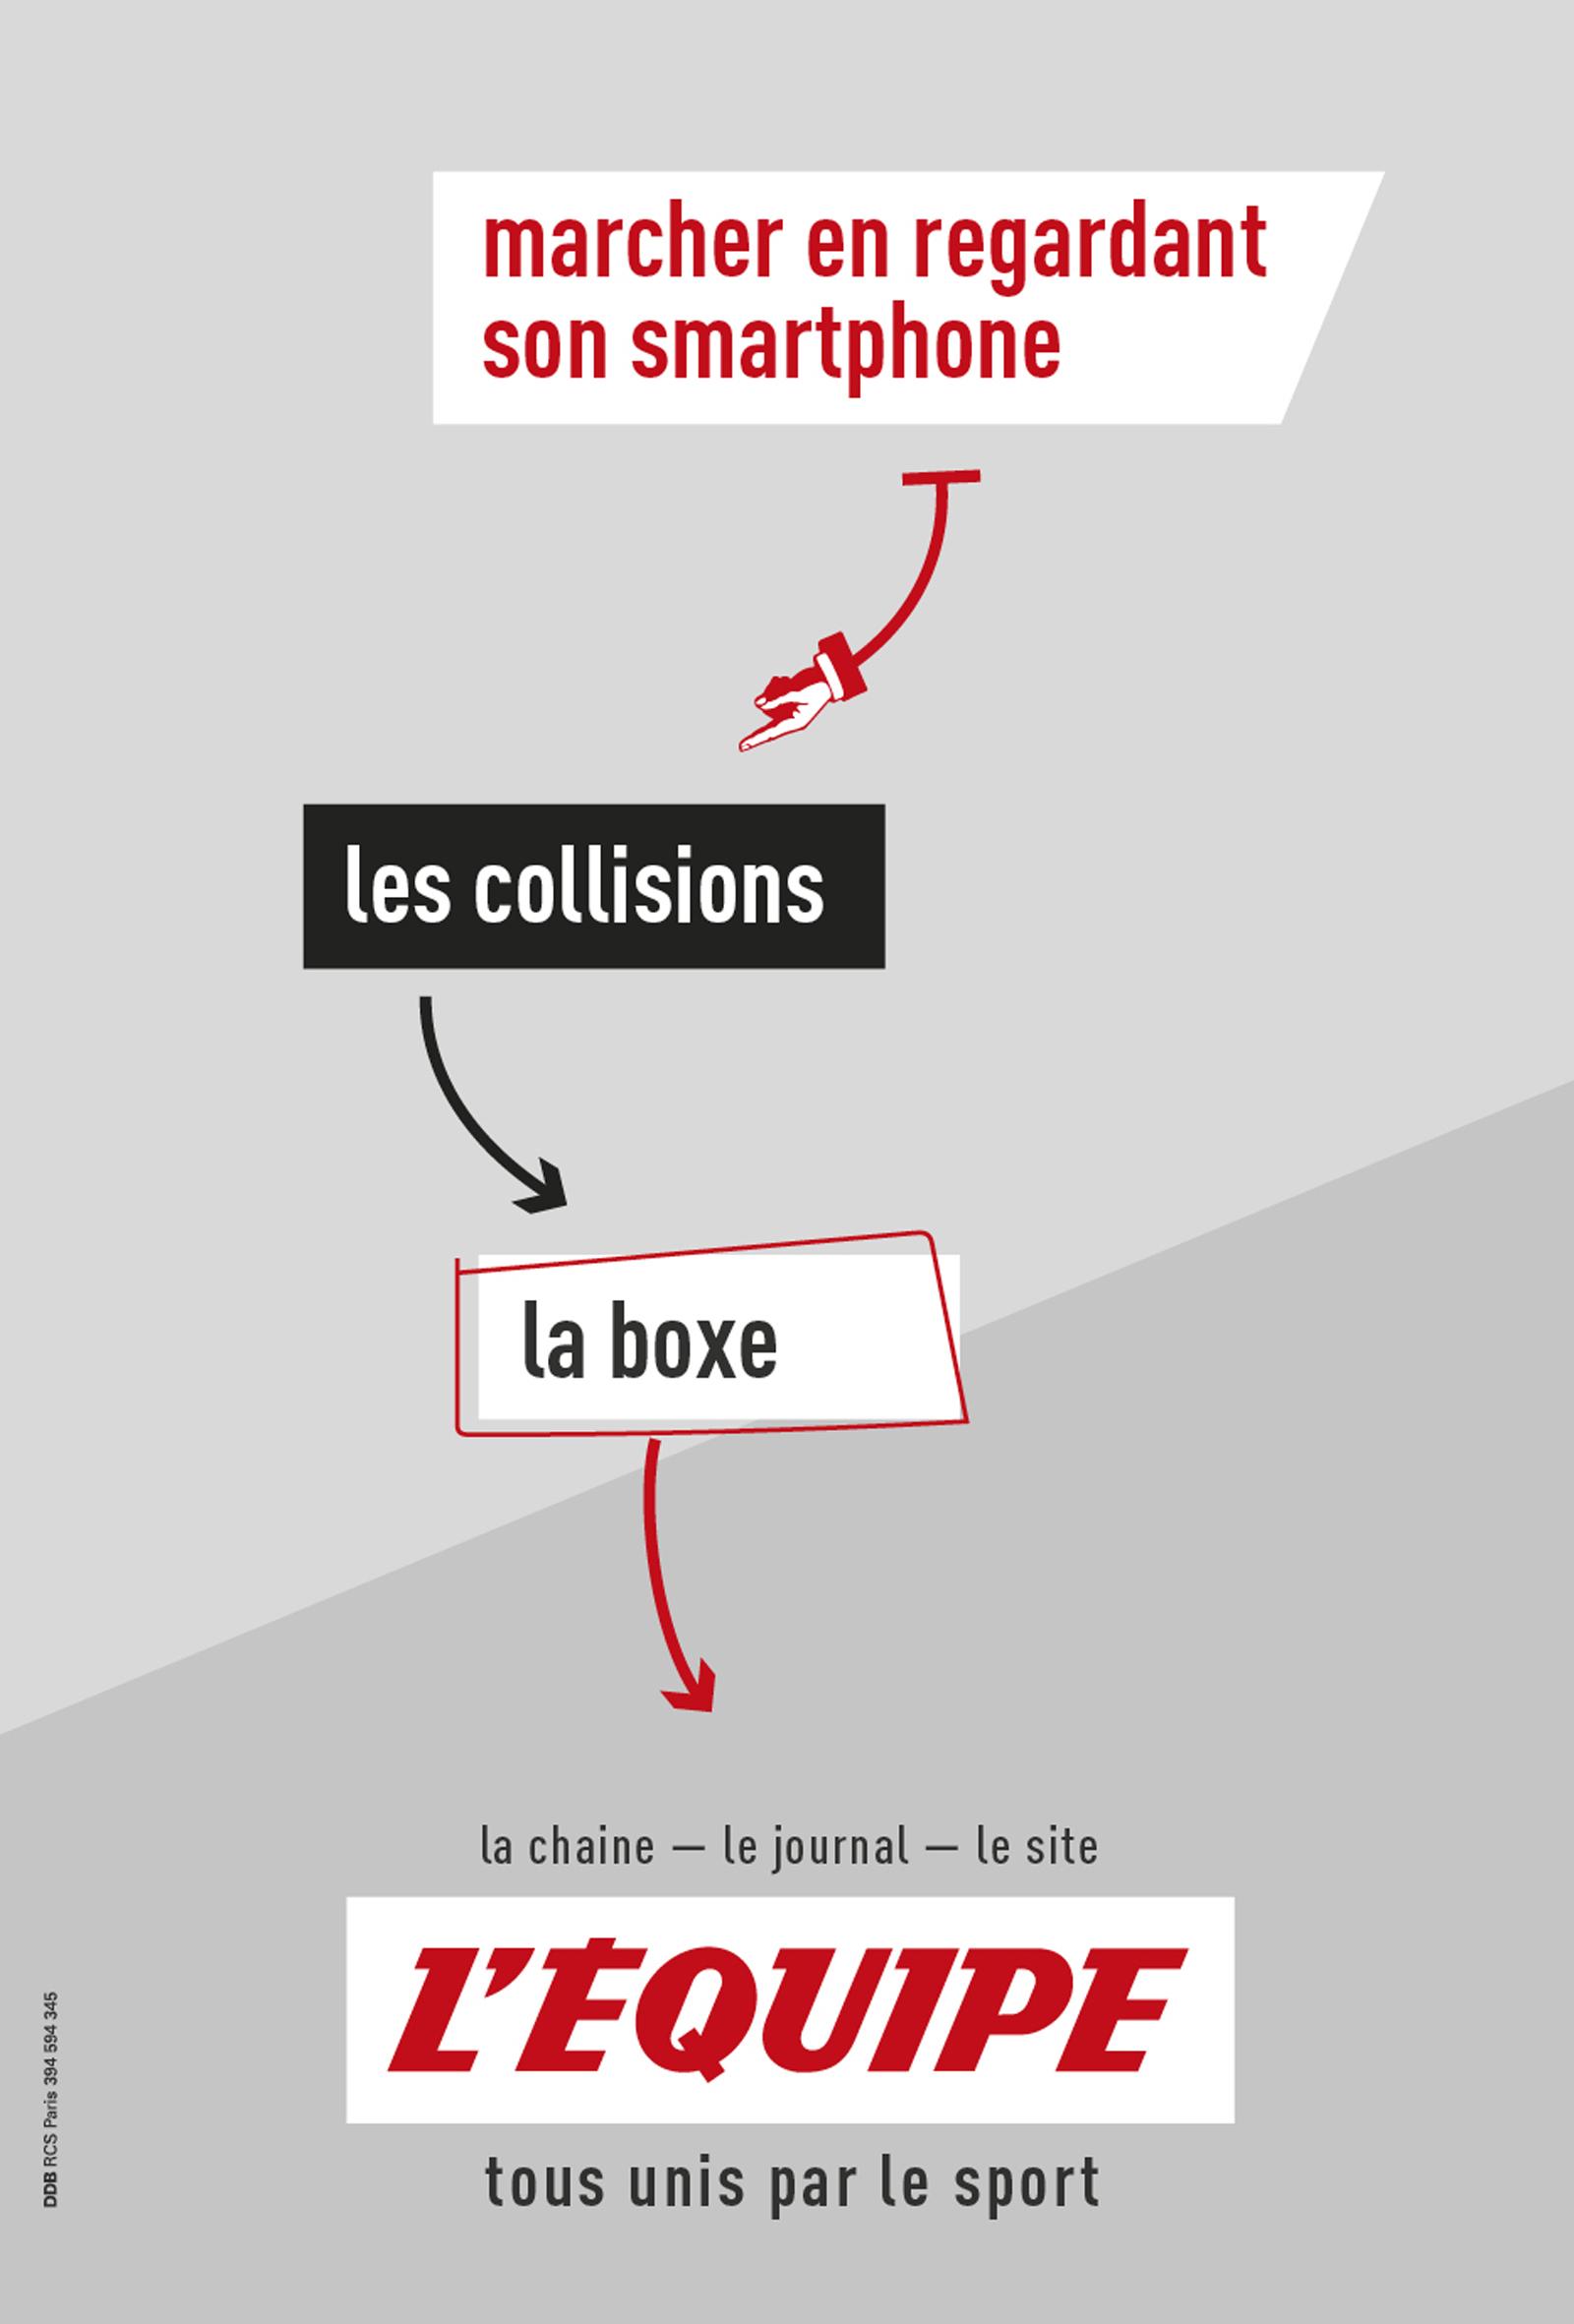 lequipe-journal-publicite-marketing-affichage-tous-unis-par-le-sport-ddb-paris-1